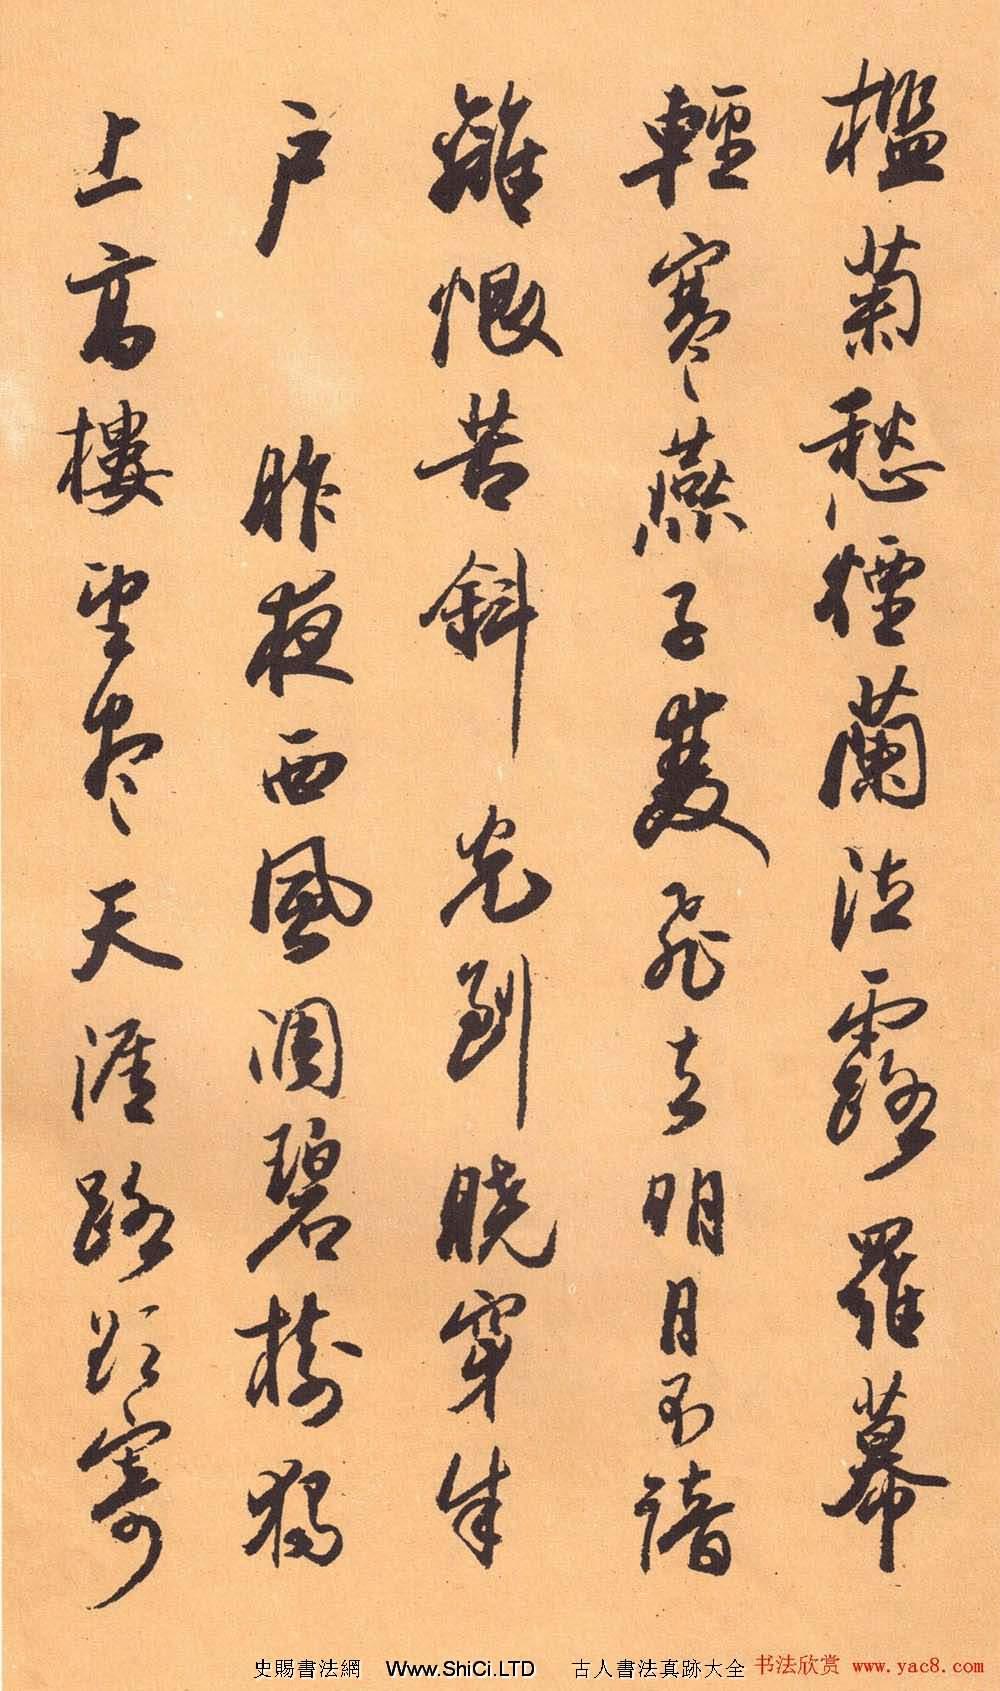 歐陽中石書法字帖《中石夜讀詞鈔》